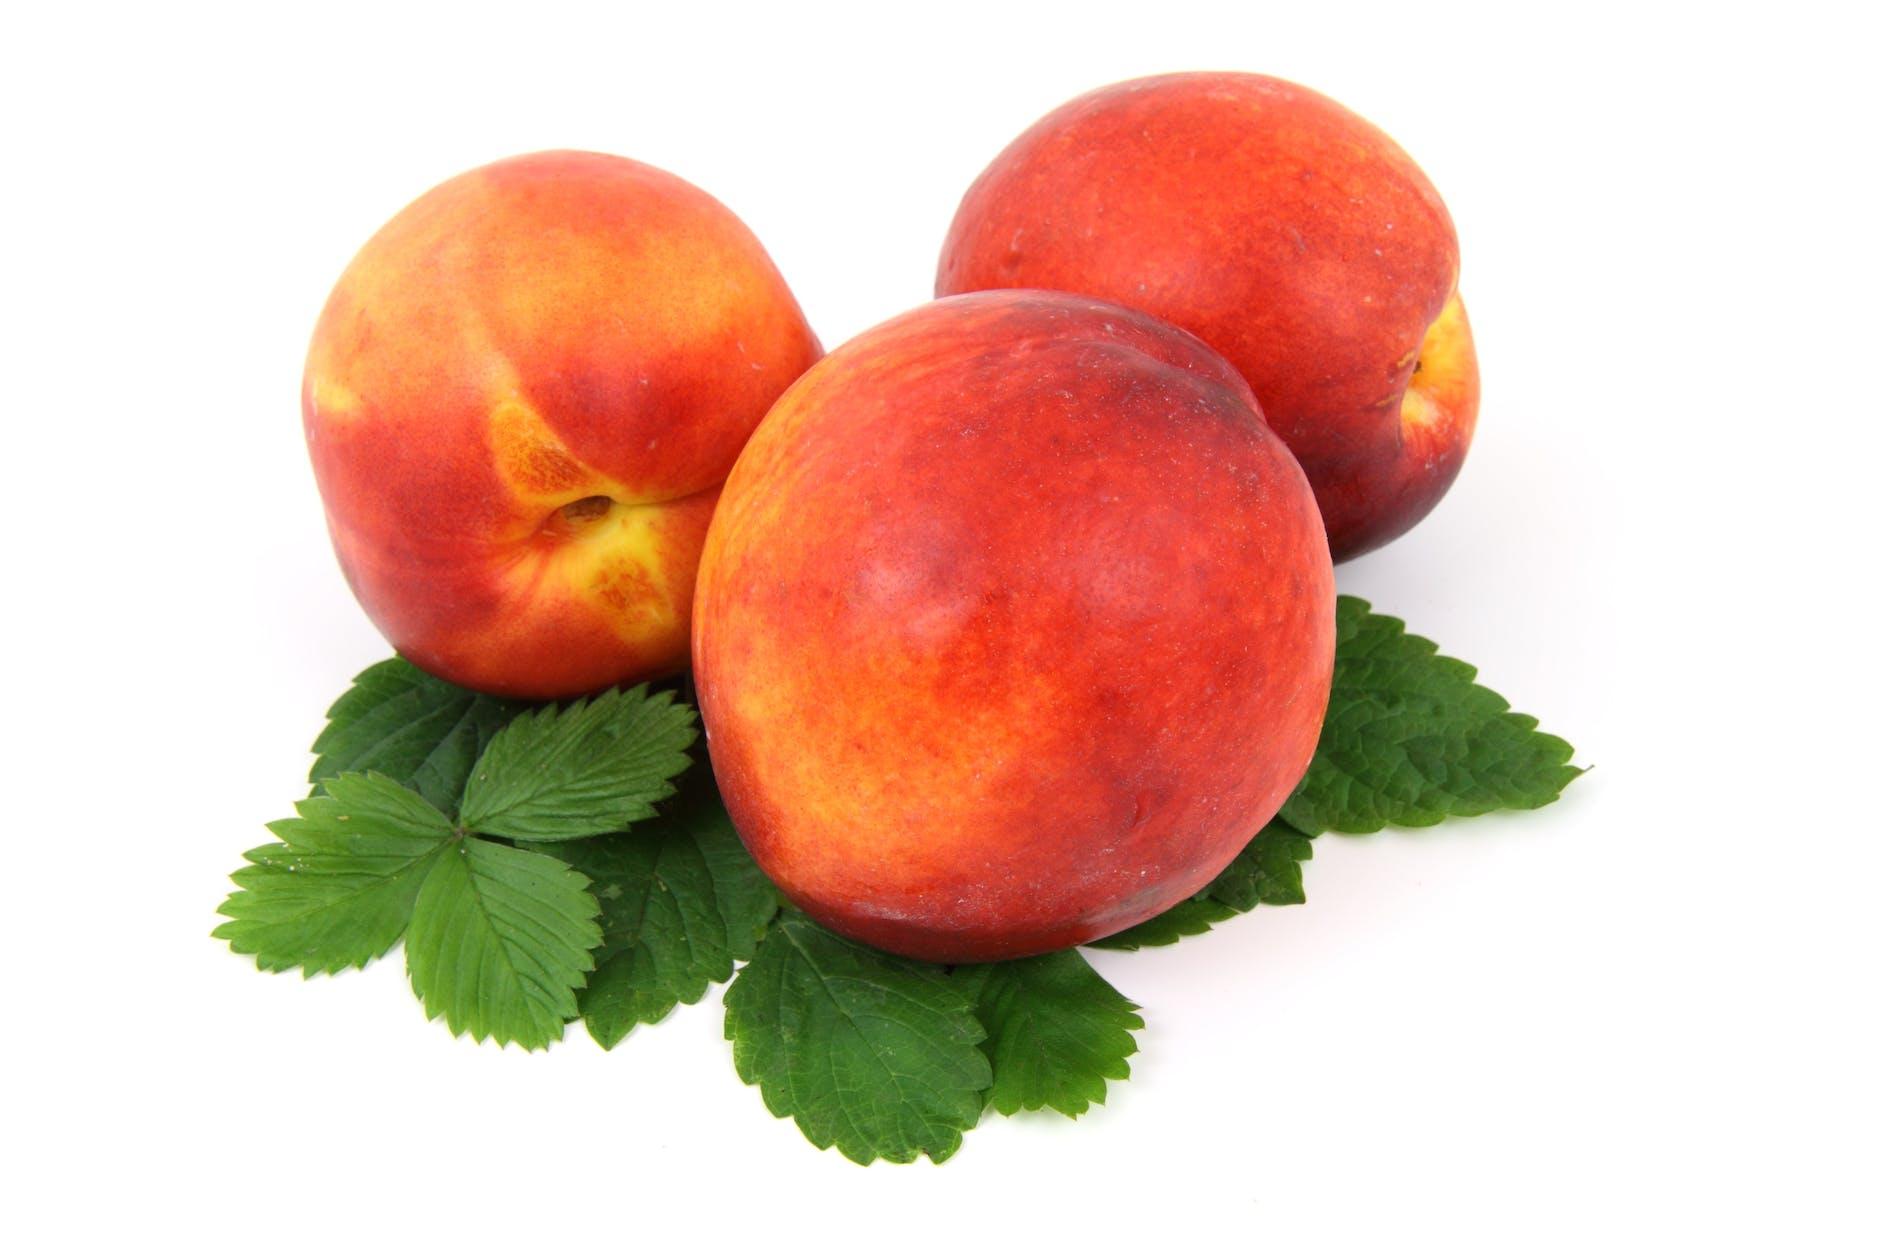 three peaches on white background